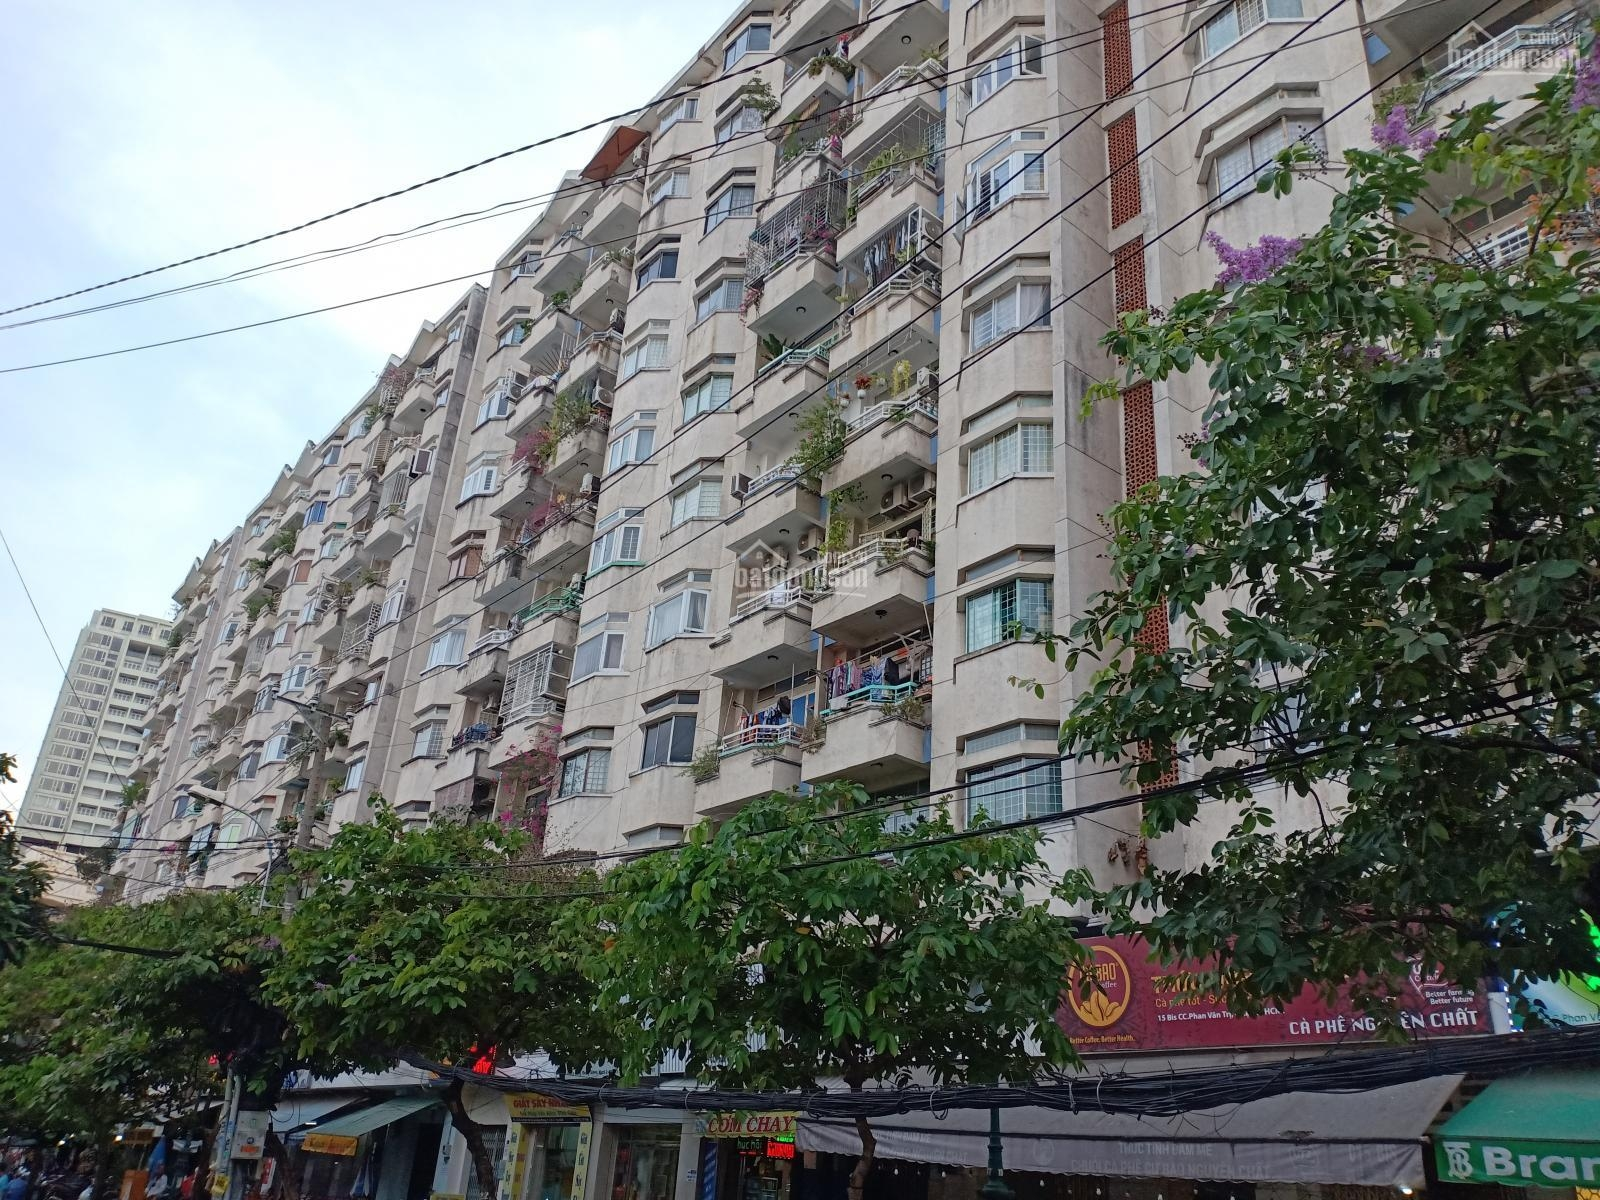 Thị trường bất động sản Thành phố Hồ Chí Minh không còn căn hộ giá bán dưới 40 triệu đồng/m2